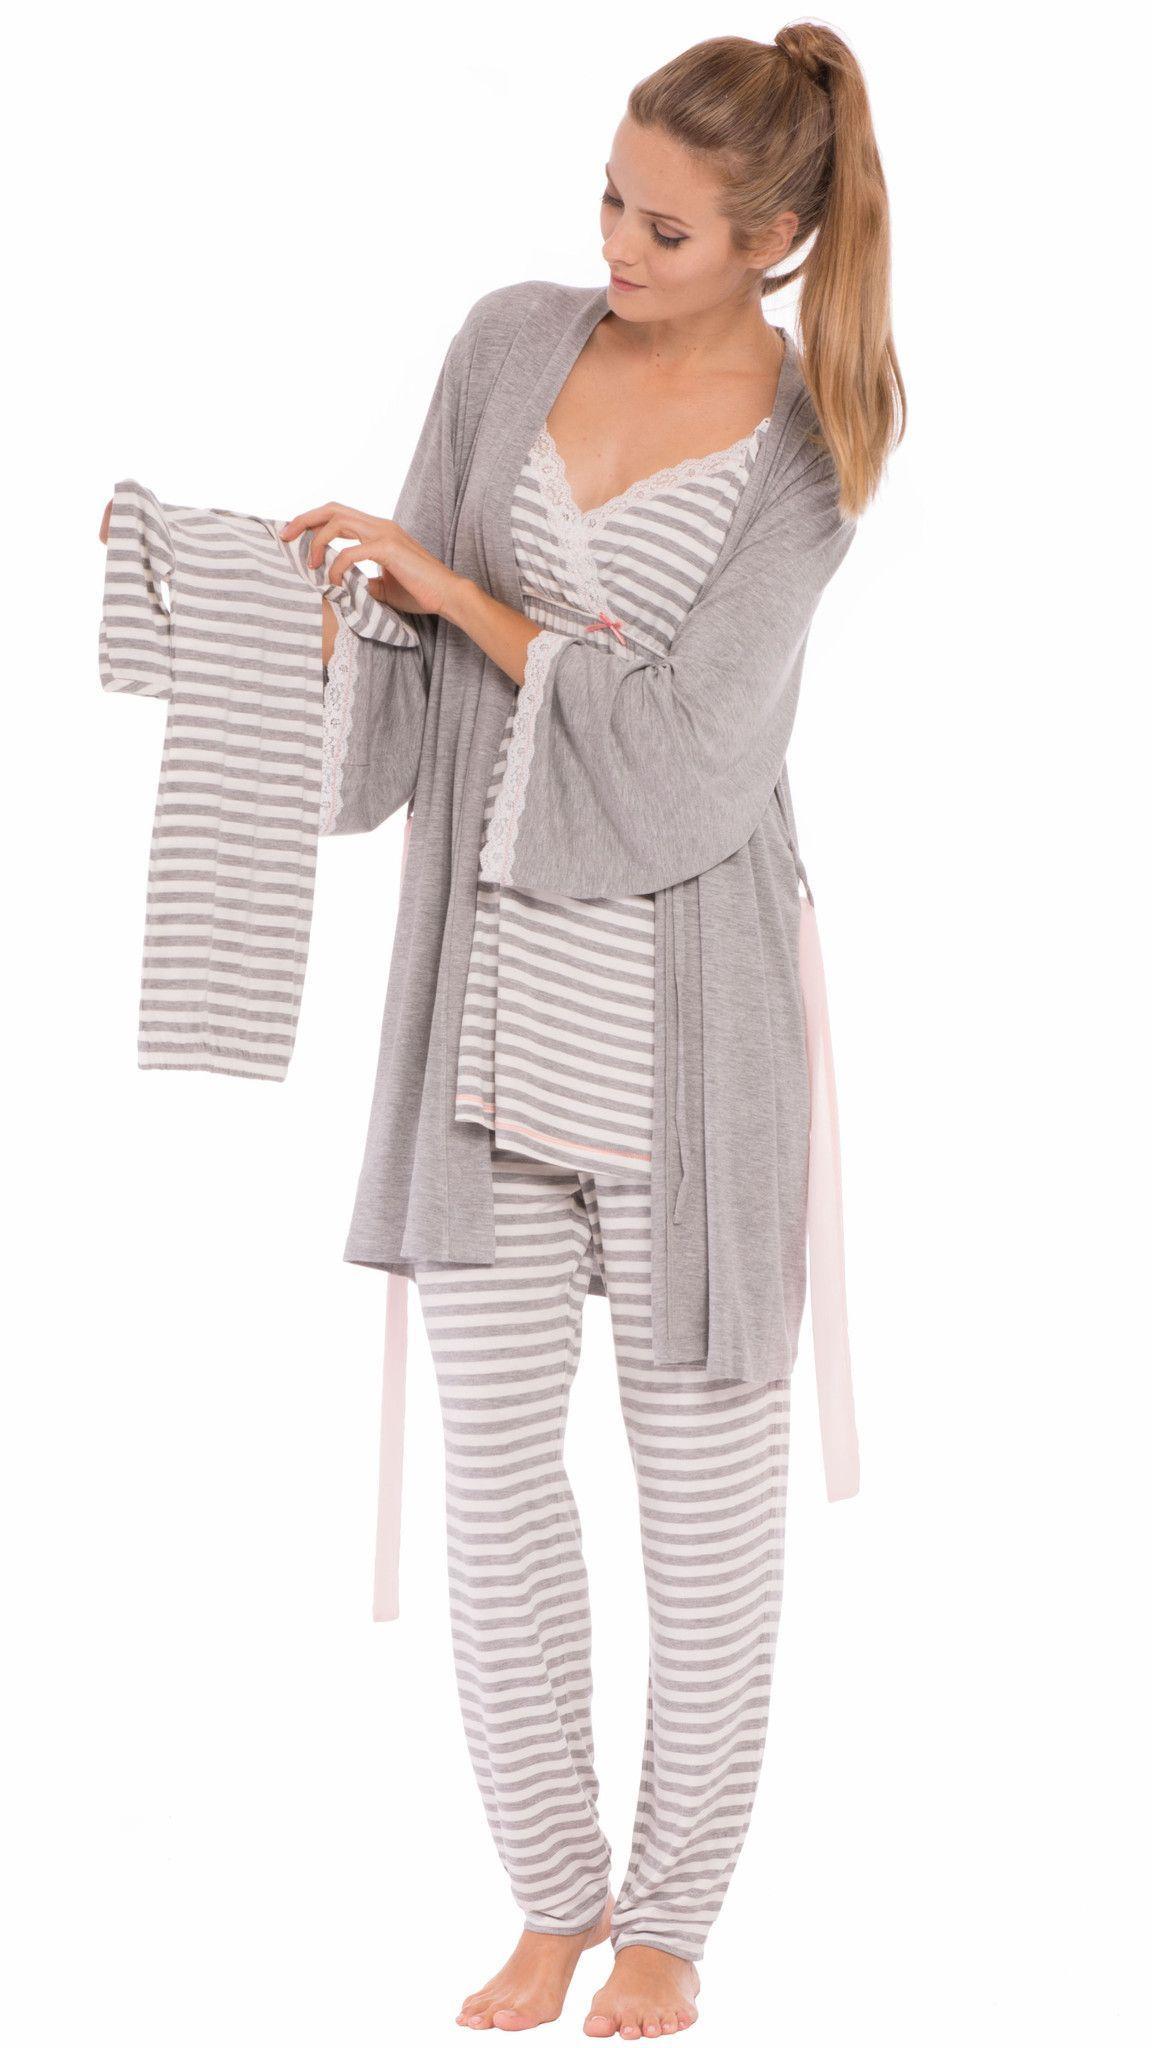 eeb0eb67276fd Olian Maternity Ann Pajamas Grey Striped | Staying Cute & Being ...